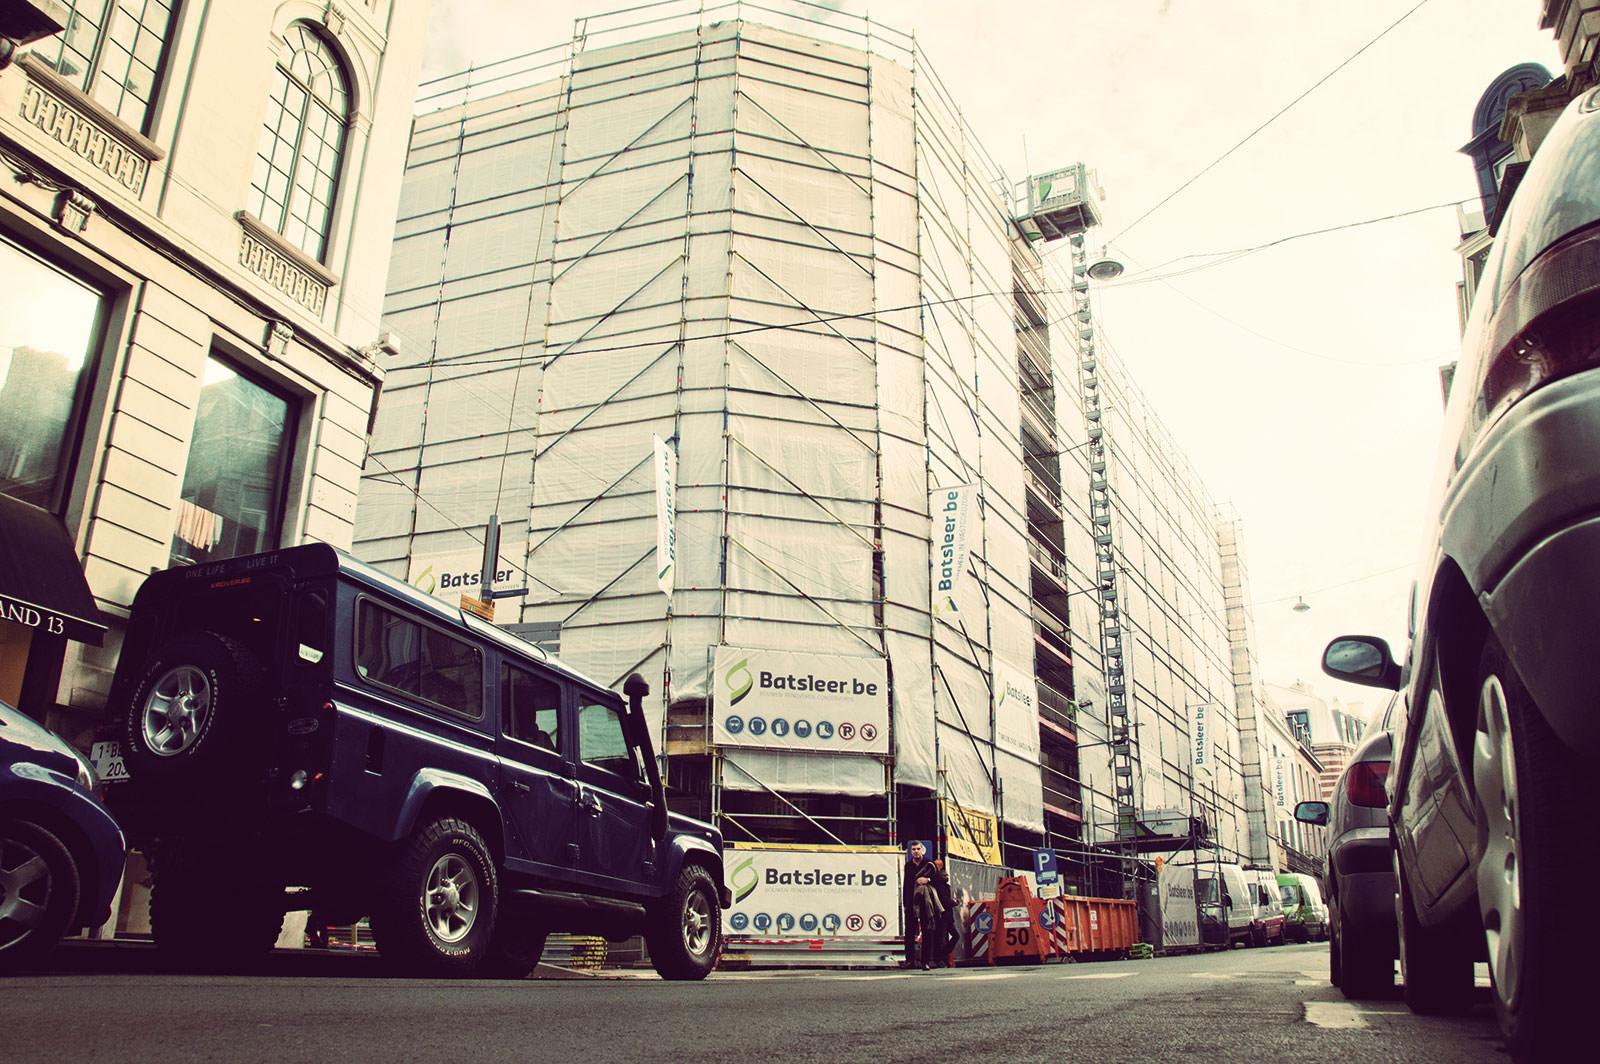 gebouwen-onderhoud-batsleer_dsc9447_v2